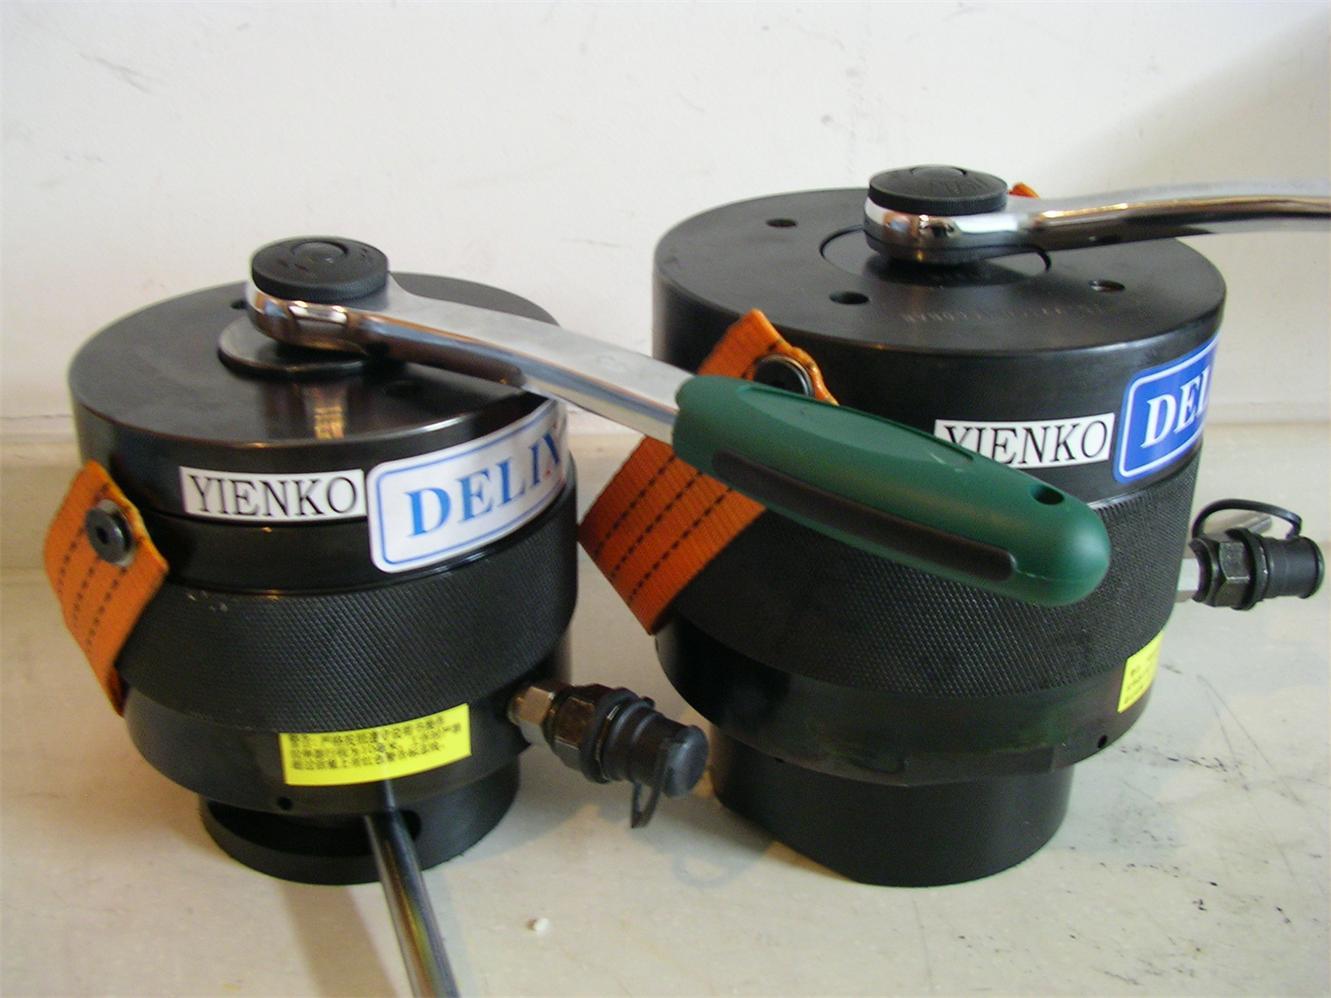 供应液ζ压拉伸器泵 YIENKO上海译恩YIENKO液压拉伸器信息